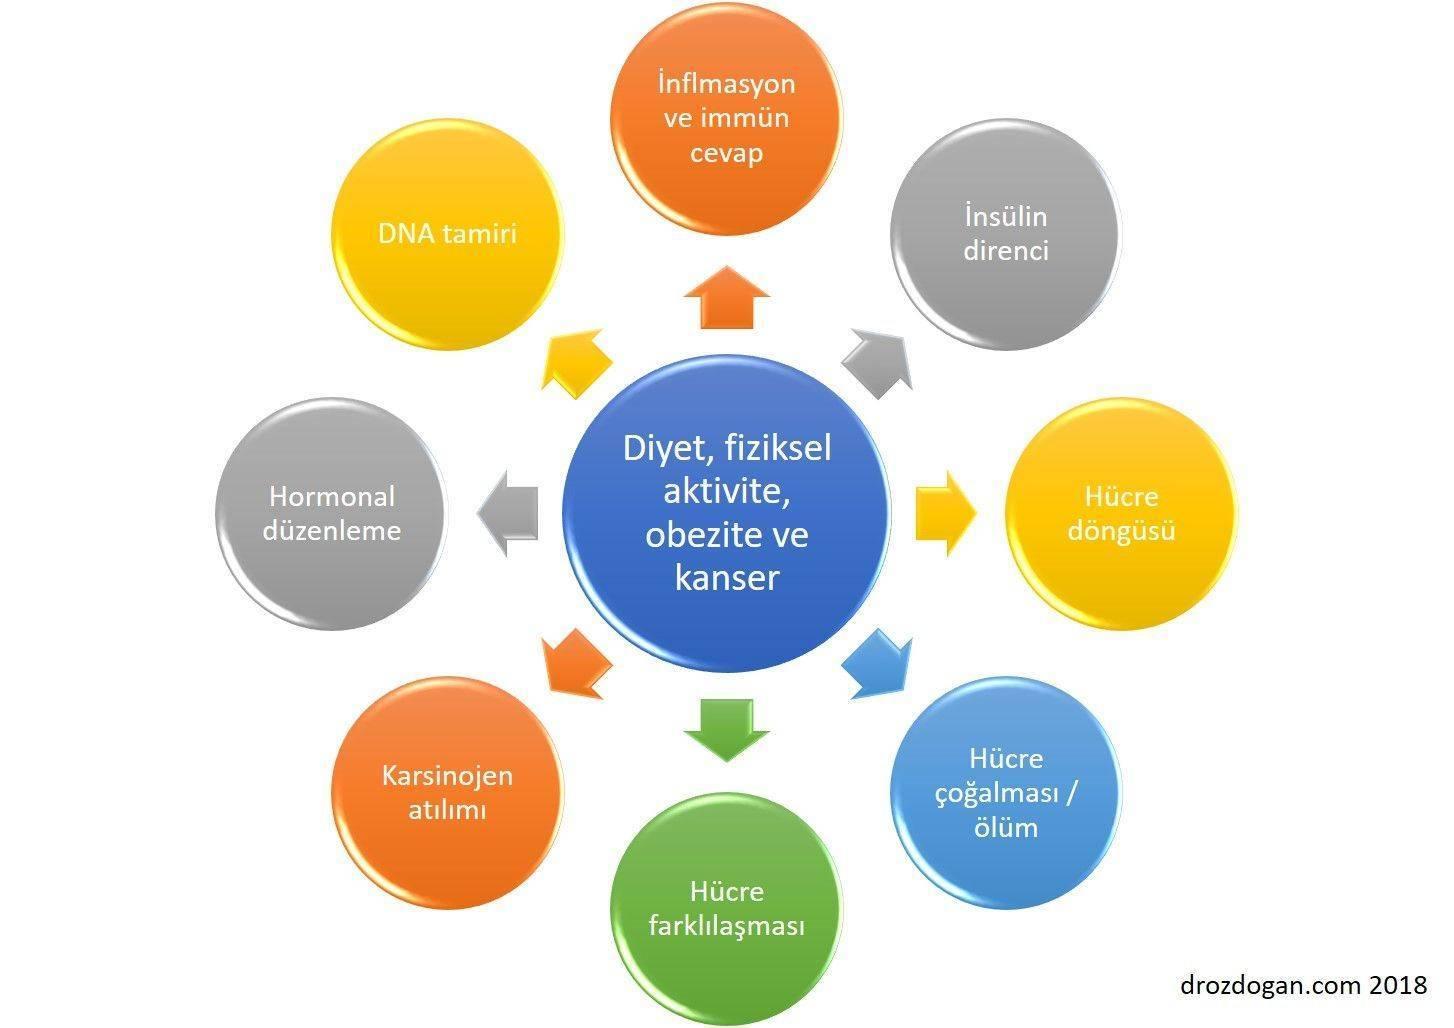 diyet beslenme fiziksel aktivite ve obezitenin kanser riskini etkileyen biyolojik mekanizmaları